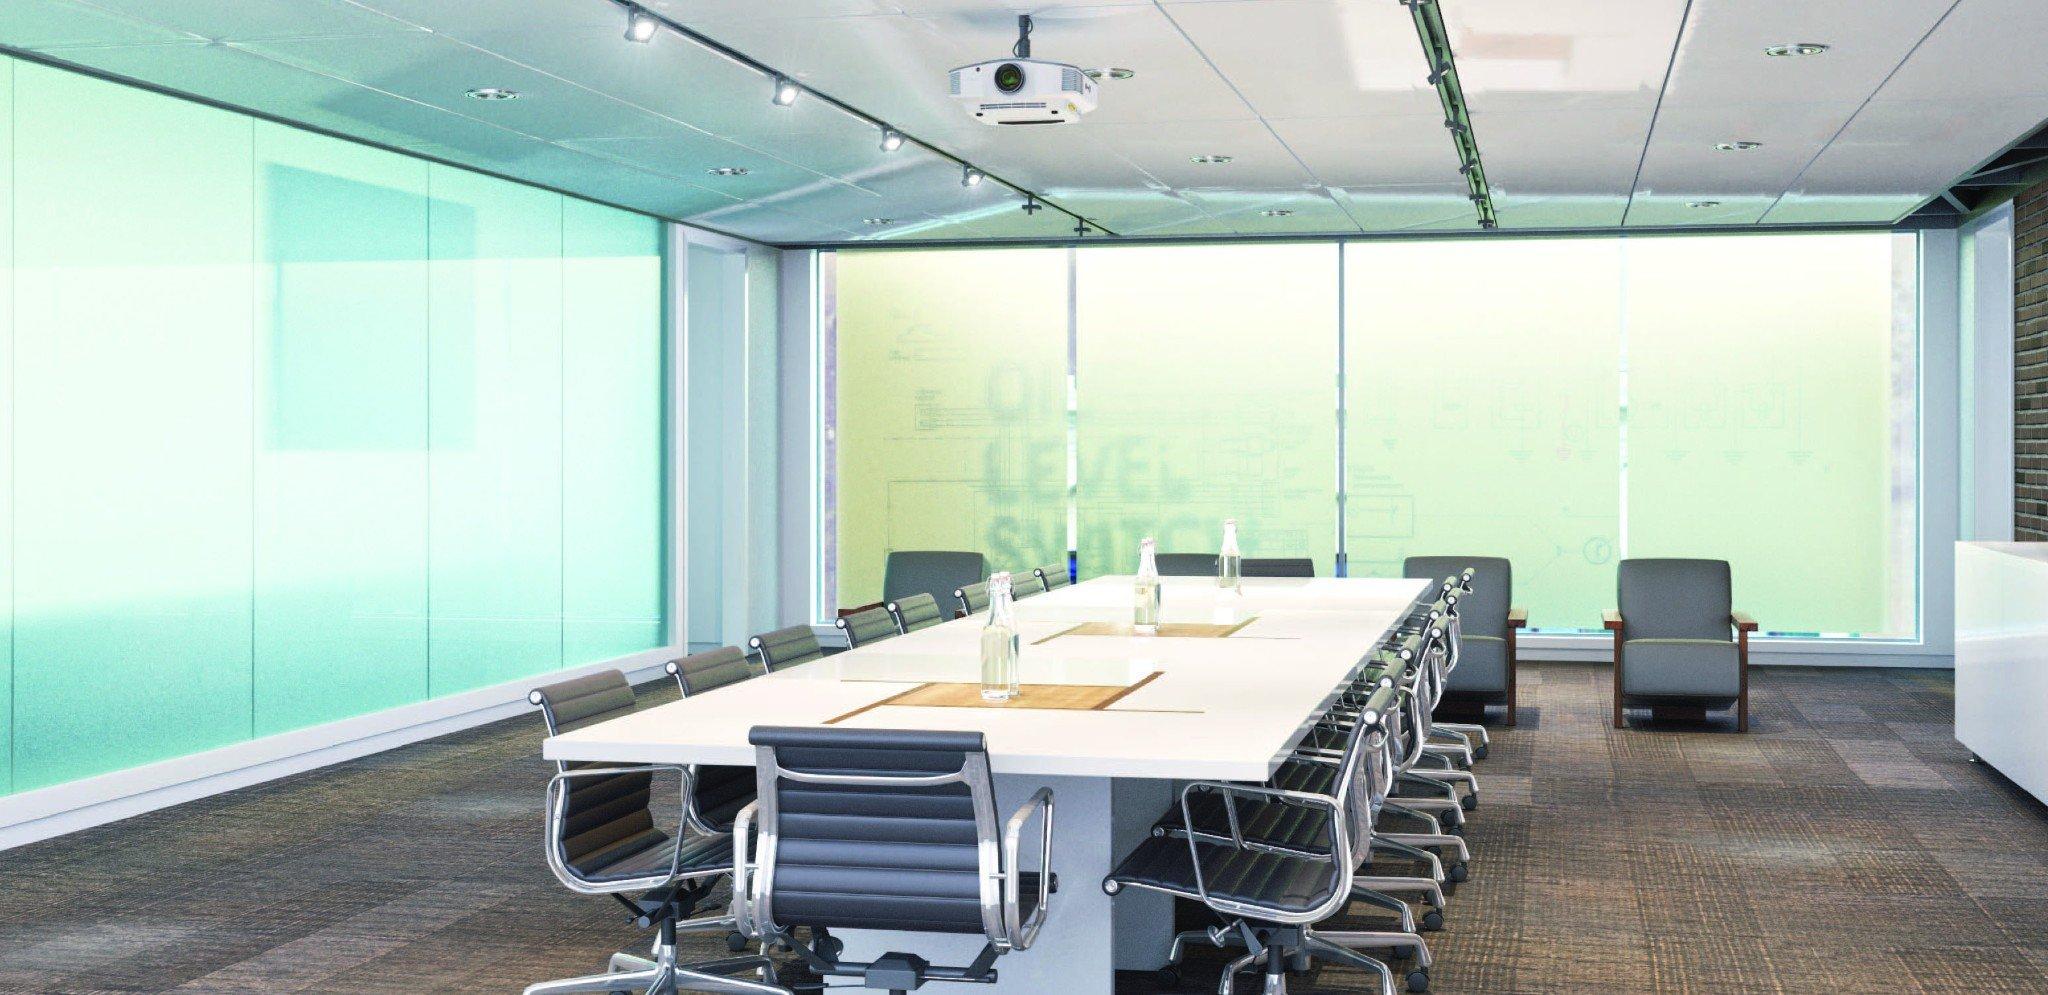 Bí quyết thiết kế văn phòng giá rẻ cho doanh nghiệp